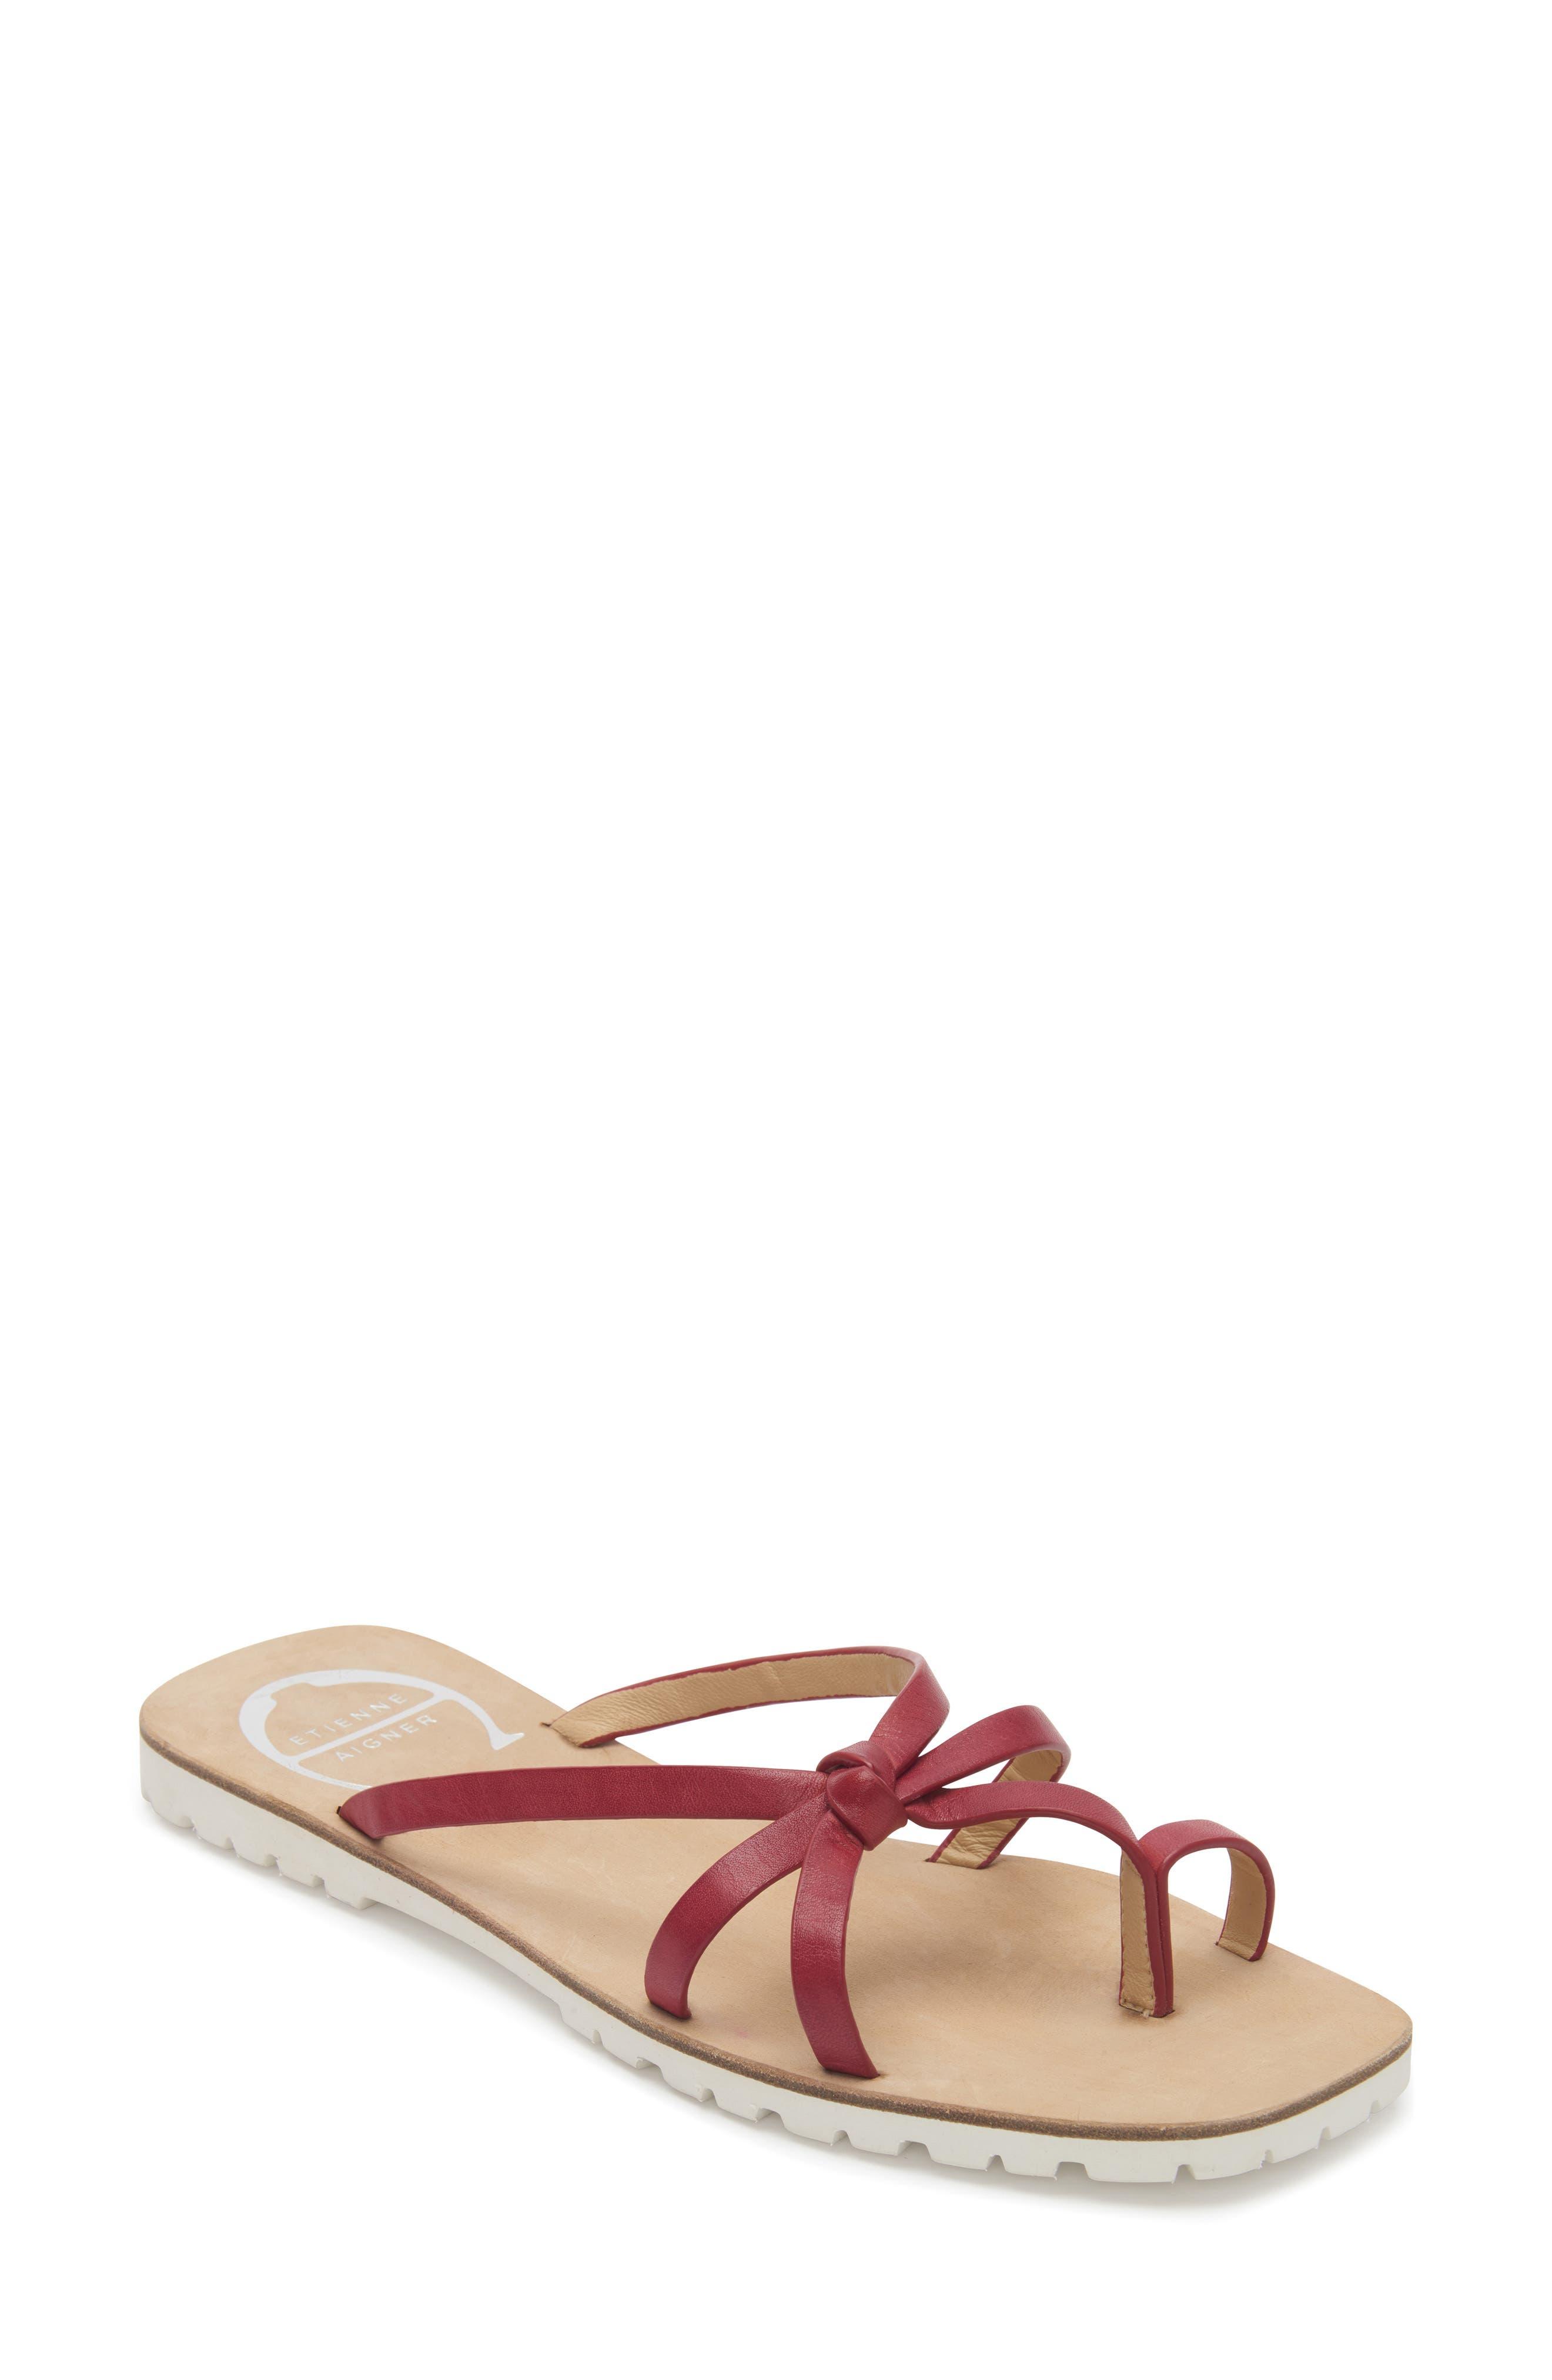 Maui Slide Sandal